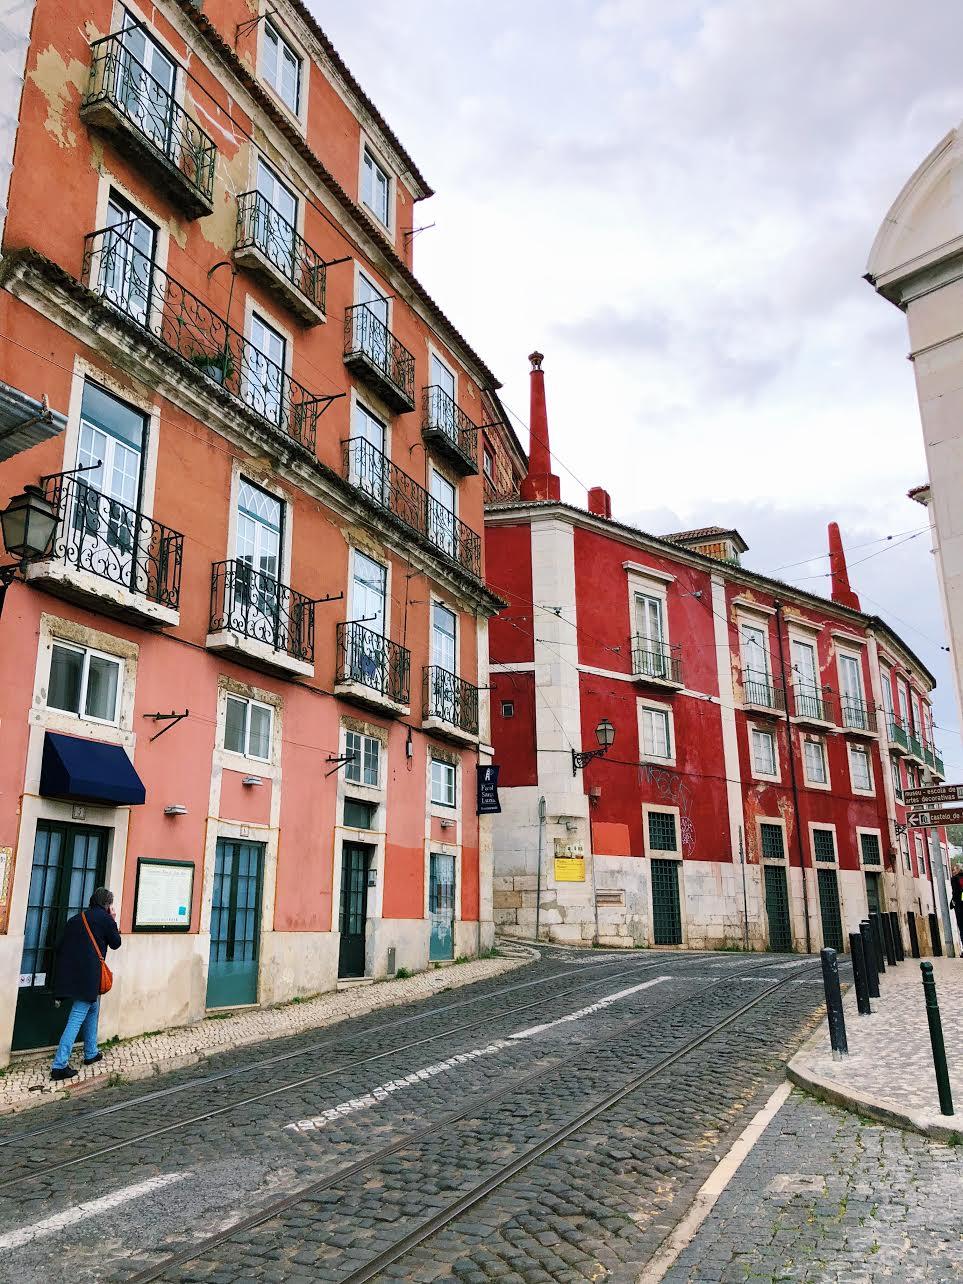 Lisbon-halal-travel-guide-architecture